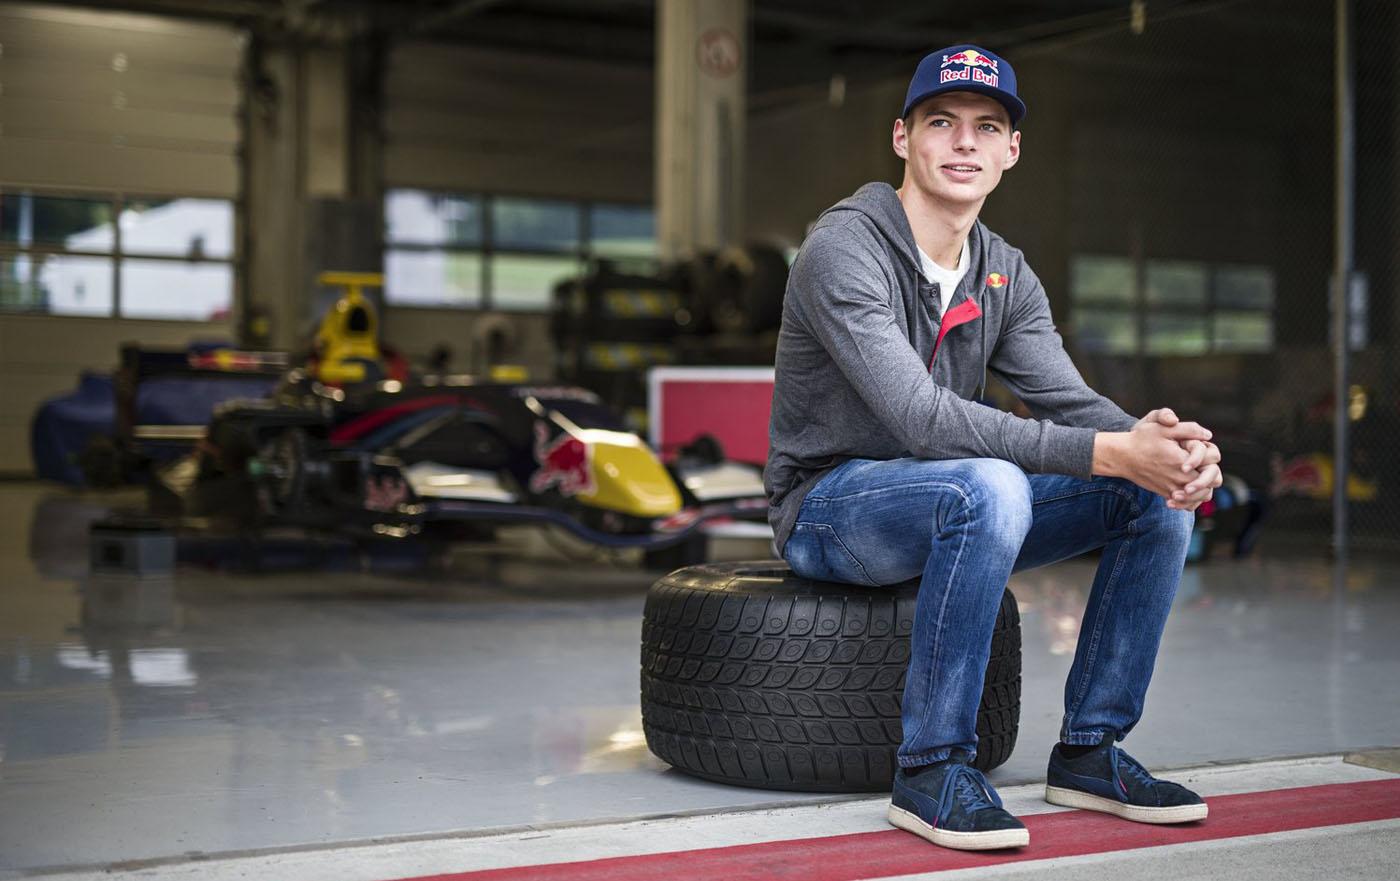 Formule 1 debuut in 2015 voor Max Verstappen